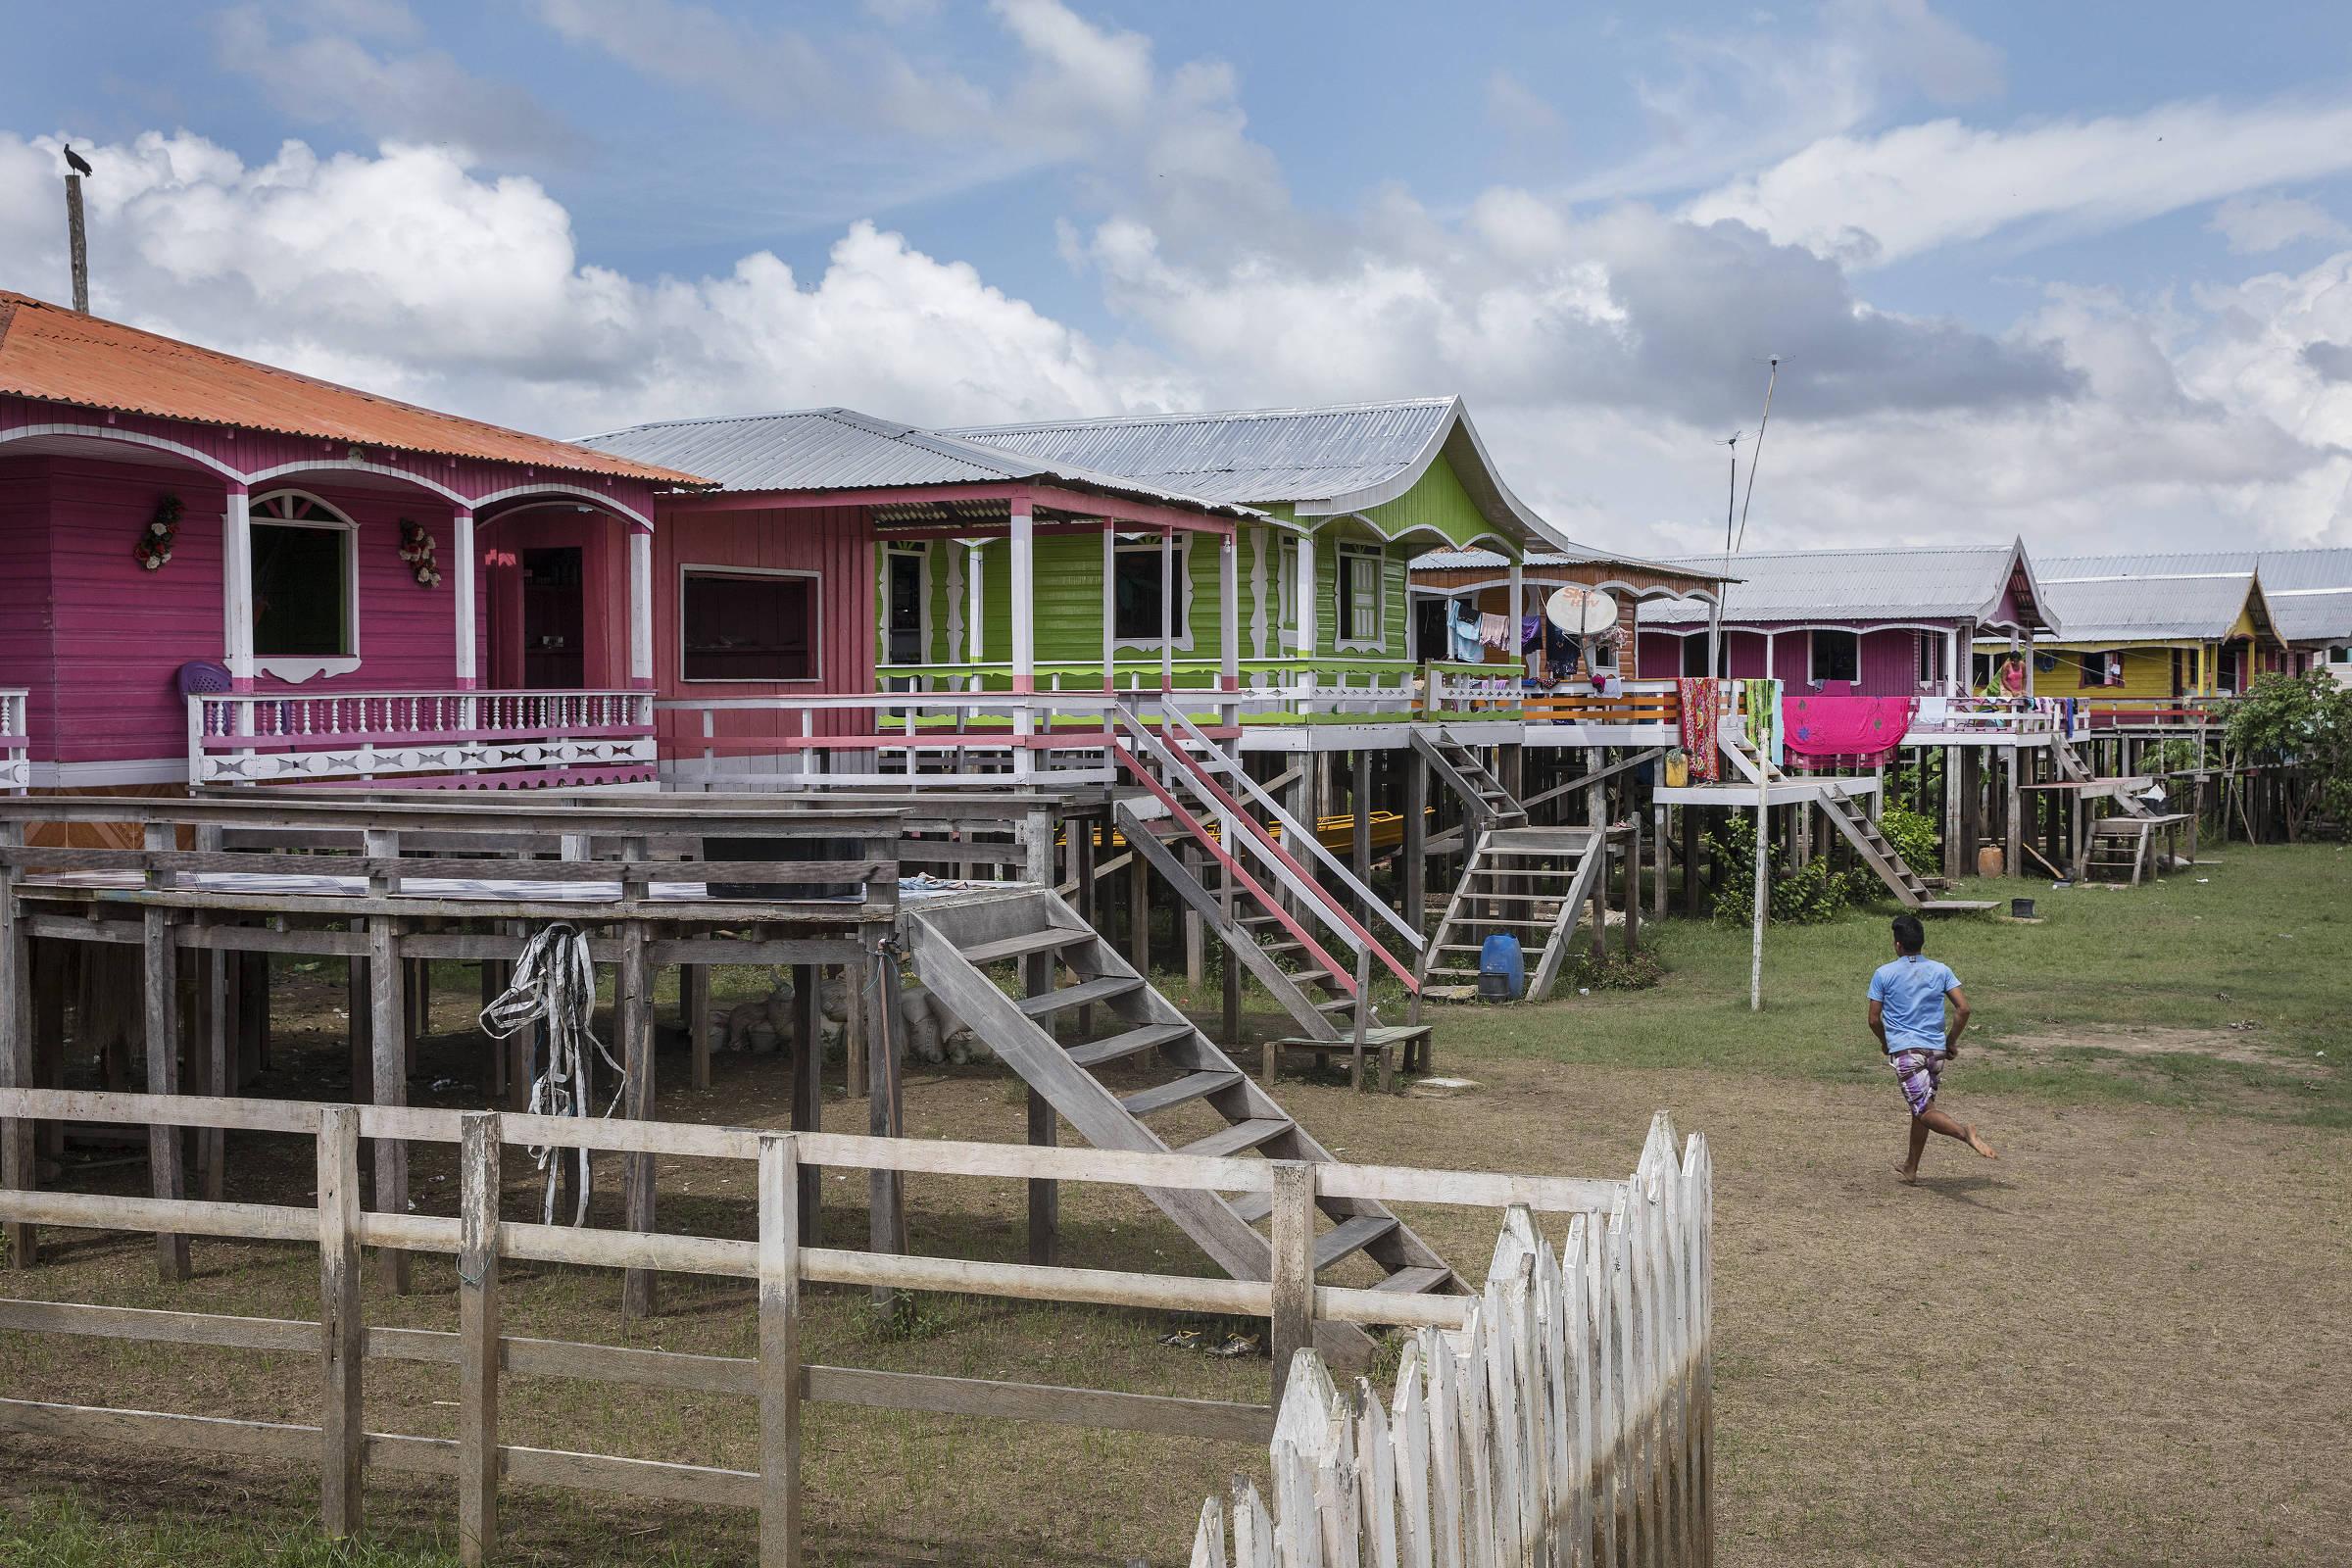 Coloridas casas erguidas sobre palafitas na comunidade ribeirinha de Marimba, no Amazonas